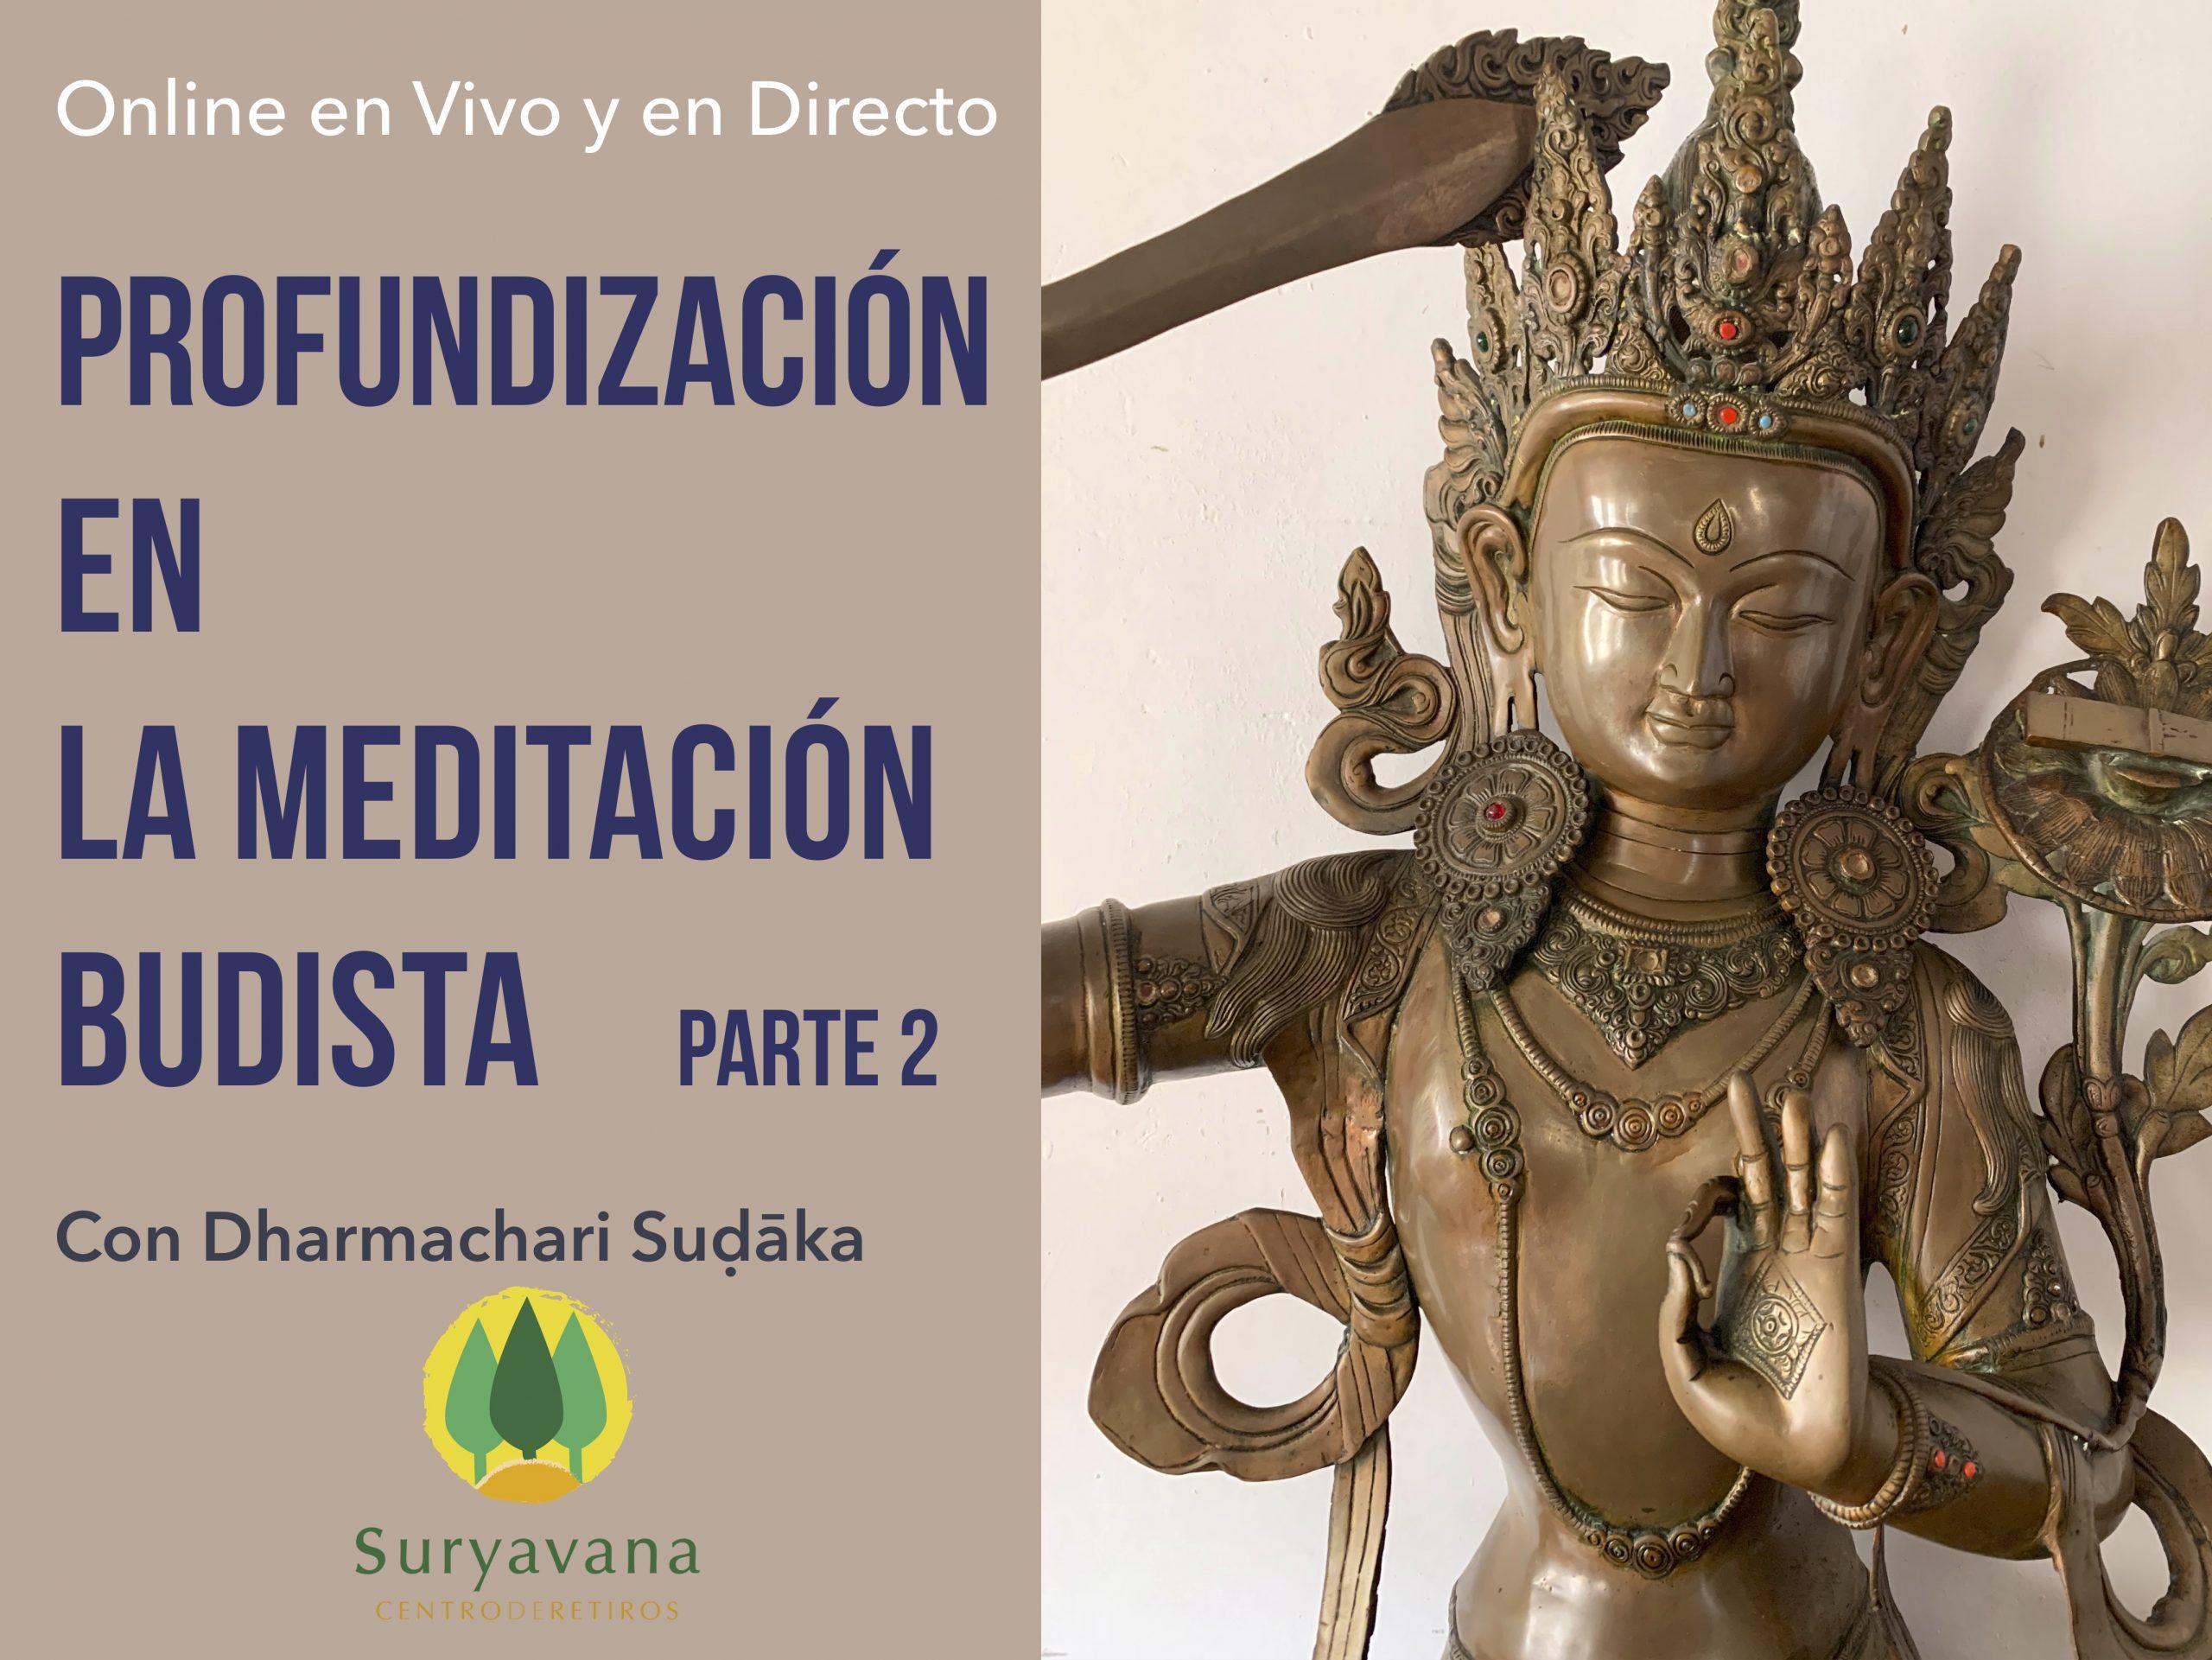 Parte 2. Profundización en la Meditación Budista  -Online